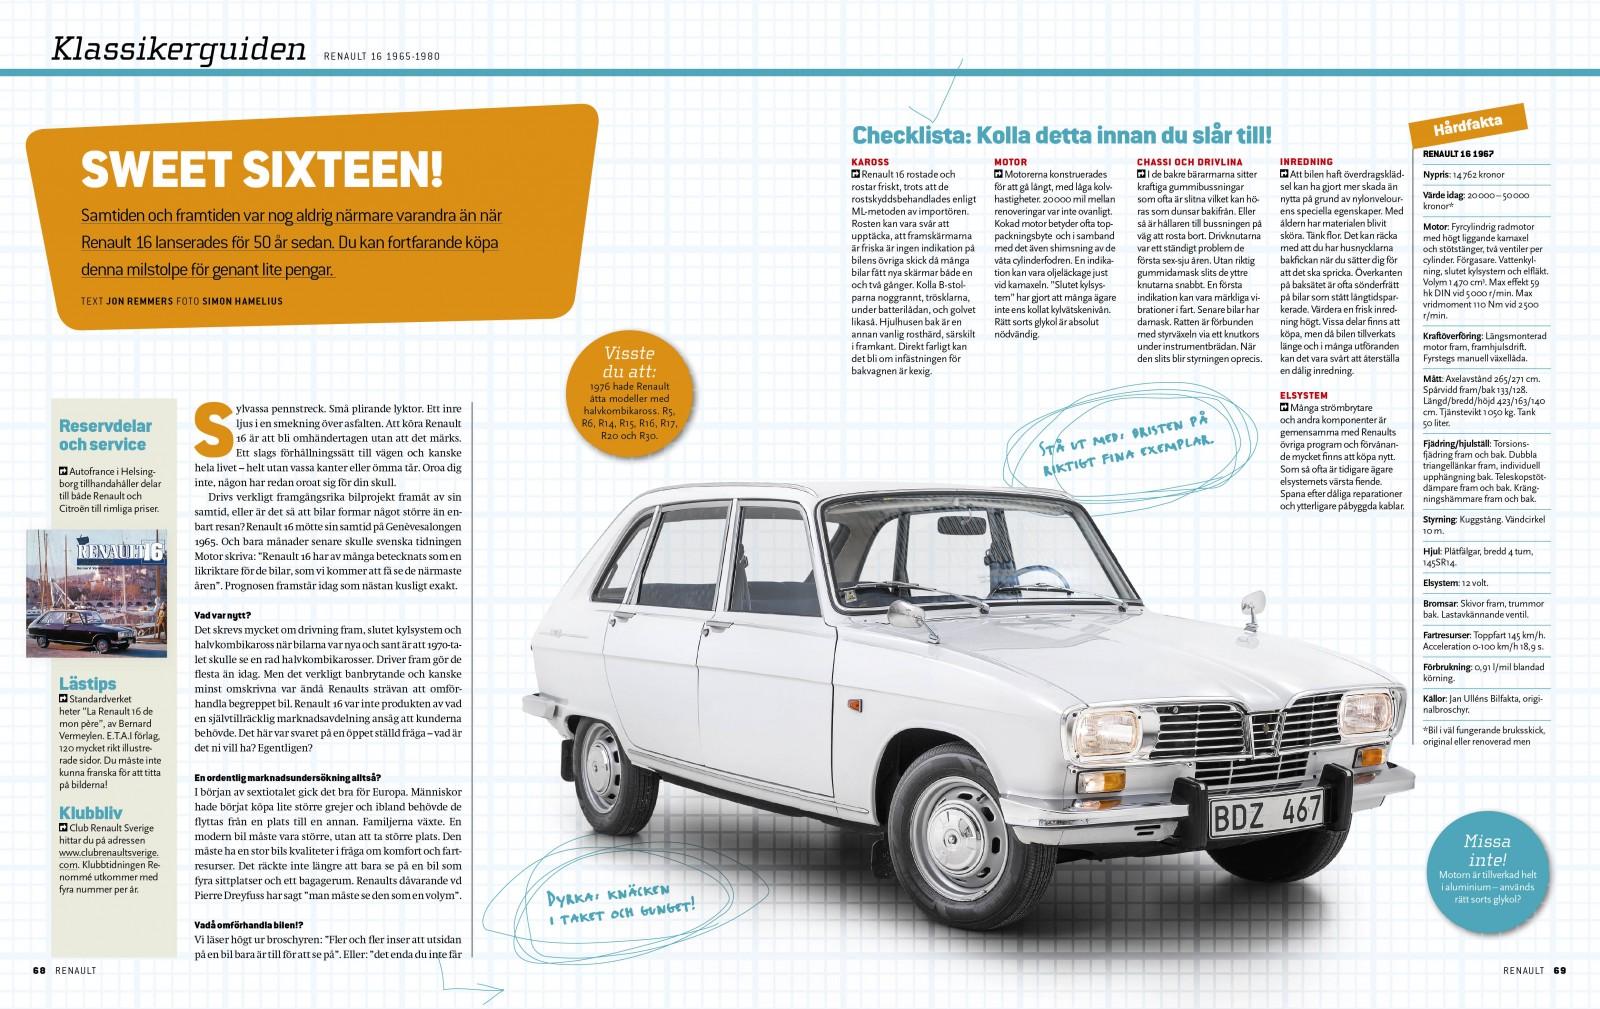 Smarta, snygga och bekväma R16. År för år, modell för modell. Stor guide.